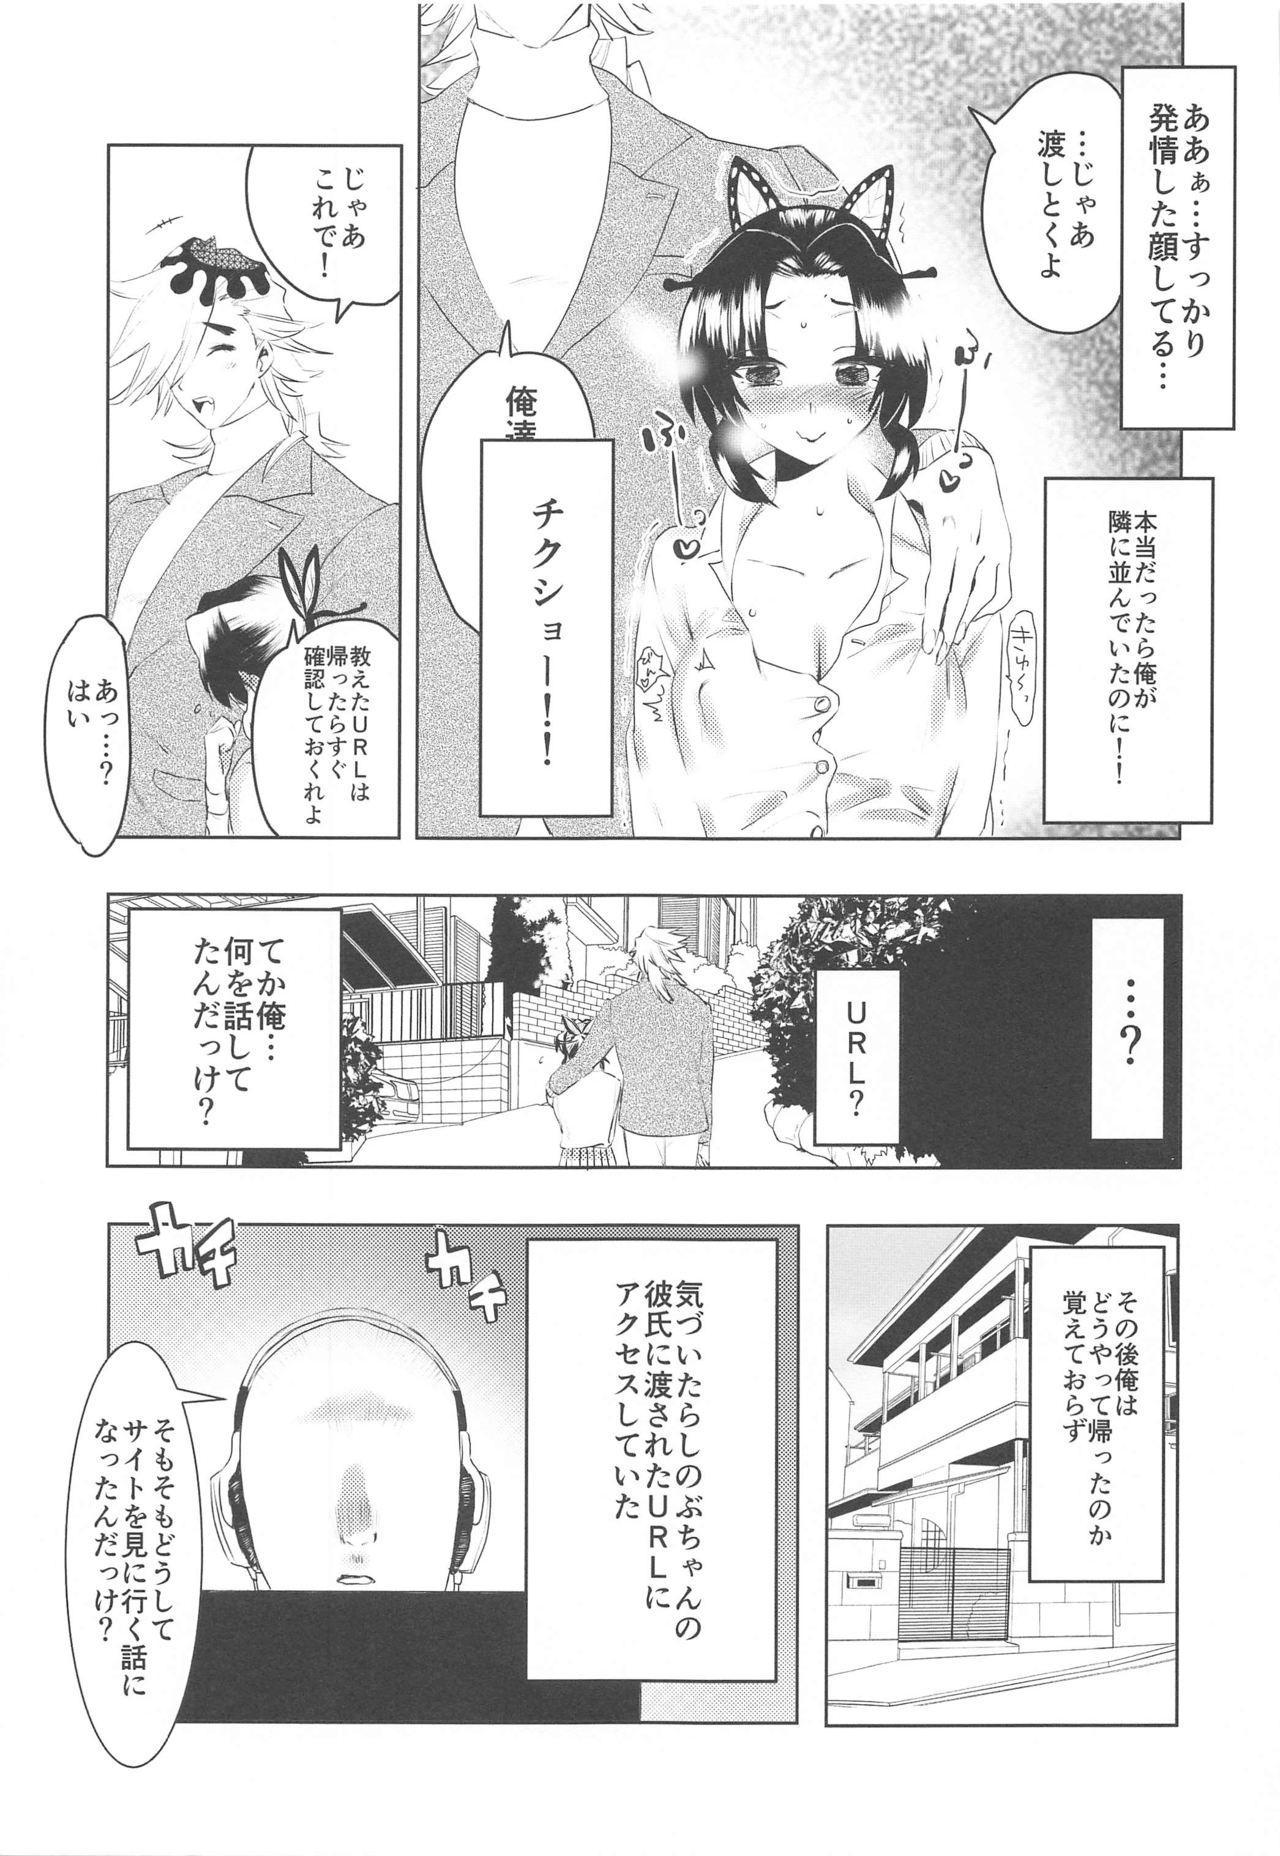 Watashi, Kono Hito ni Otosaremashita. 7